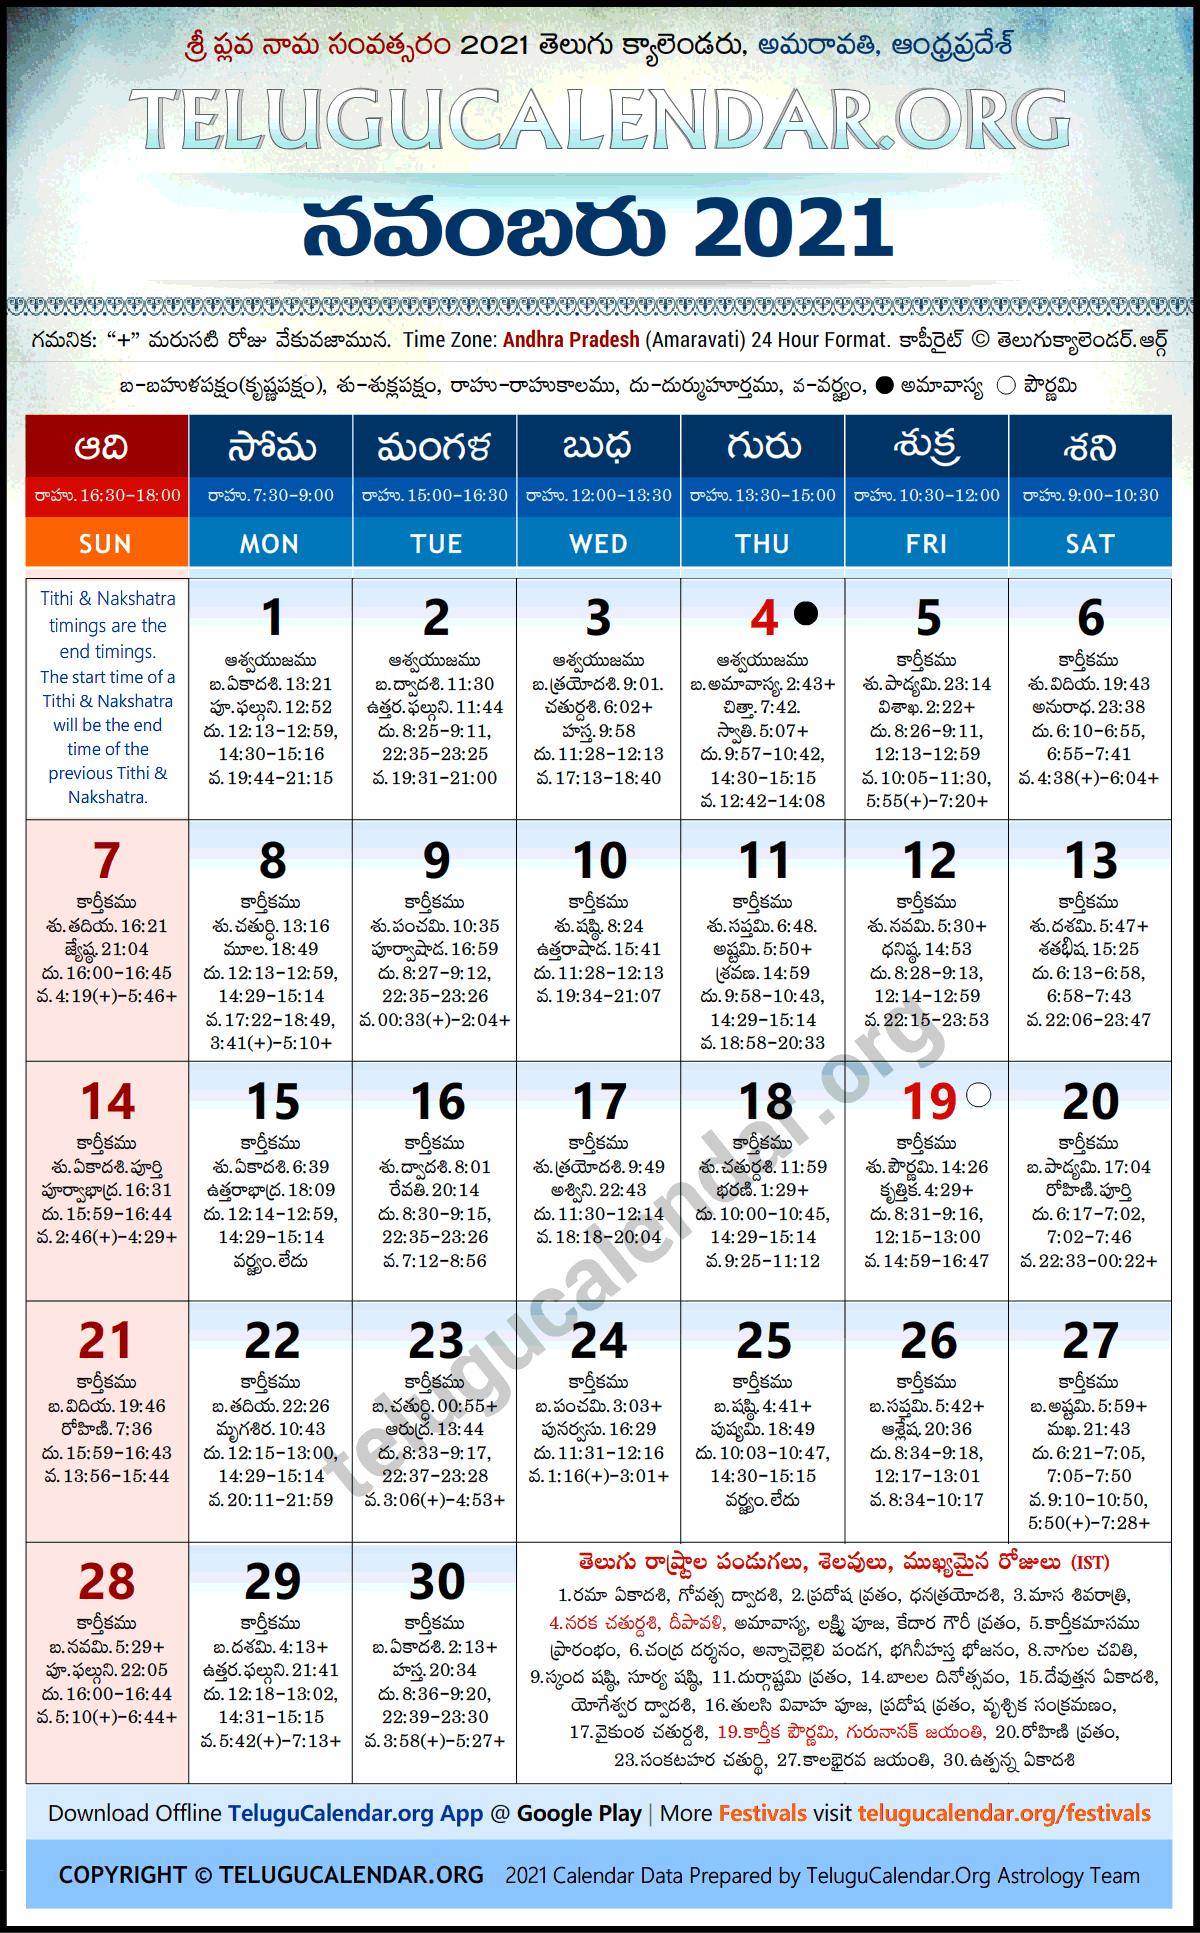 Andhra Pradesh 2021 November Telugu Calendar Festivals & Holidays